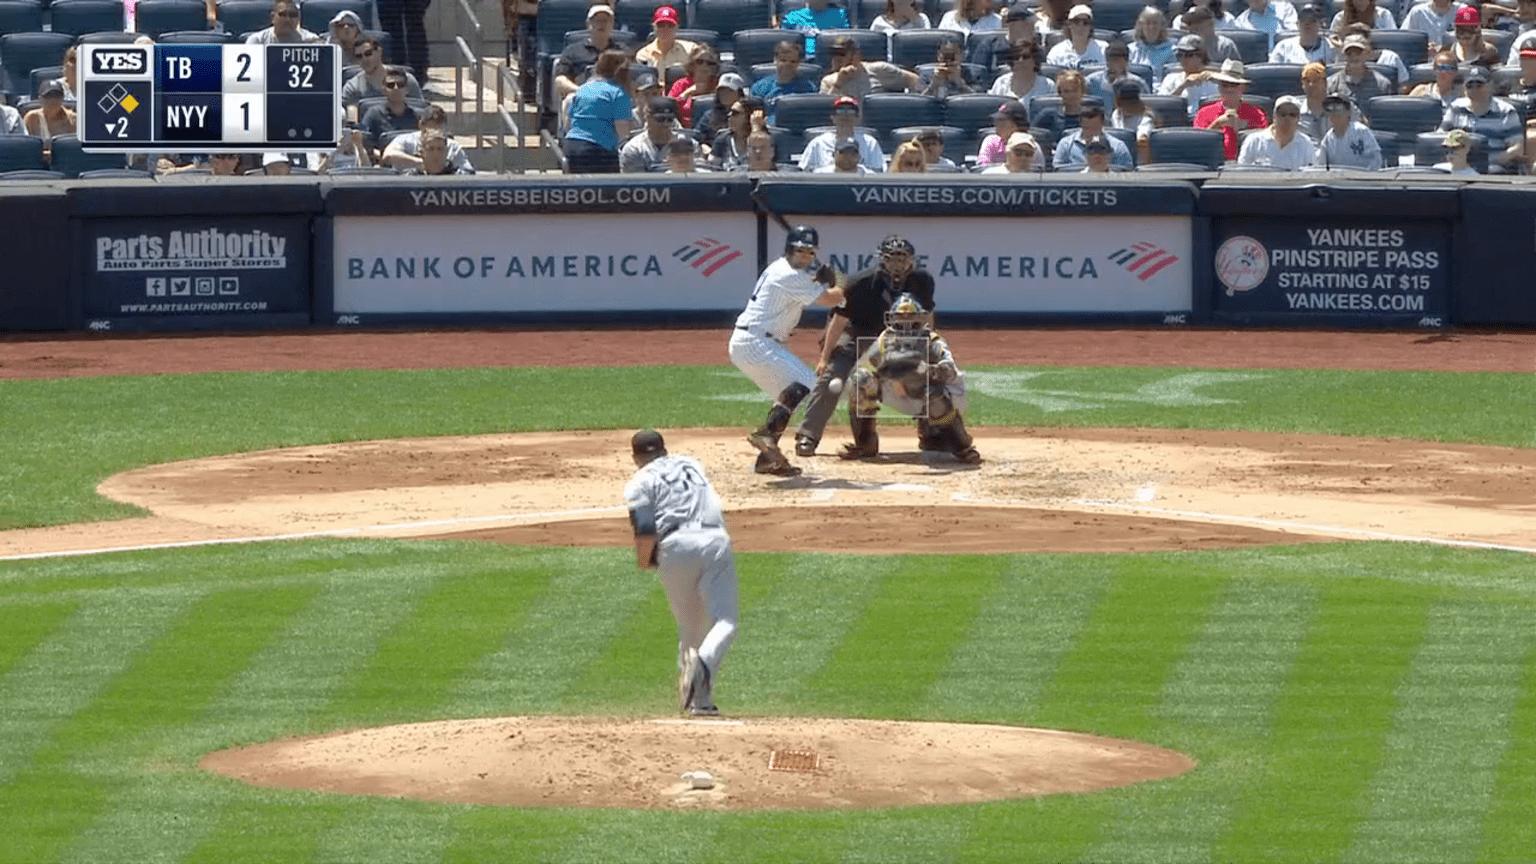 Gardner's 2-run home run | 05/19/2019